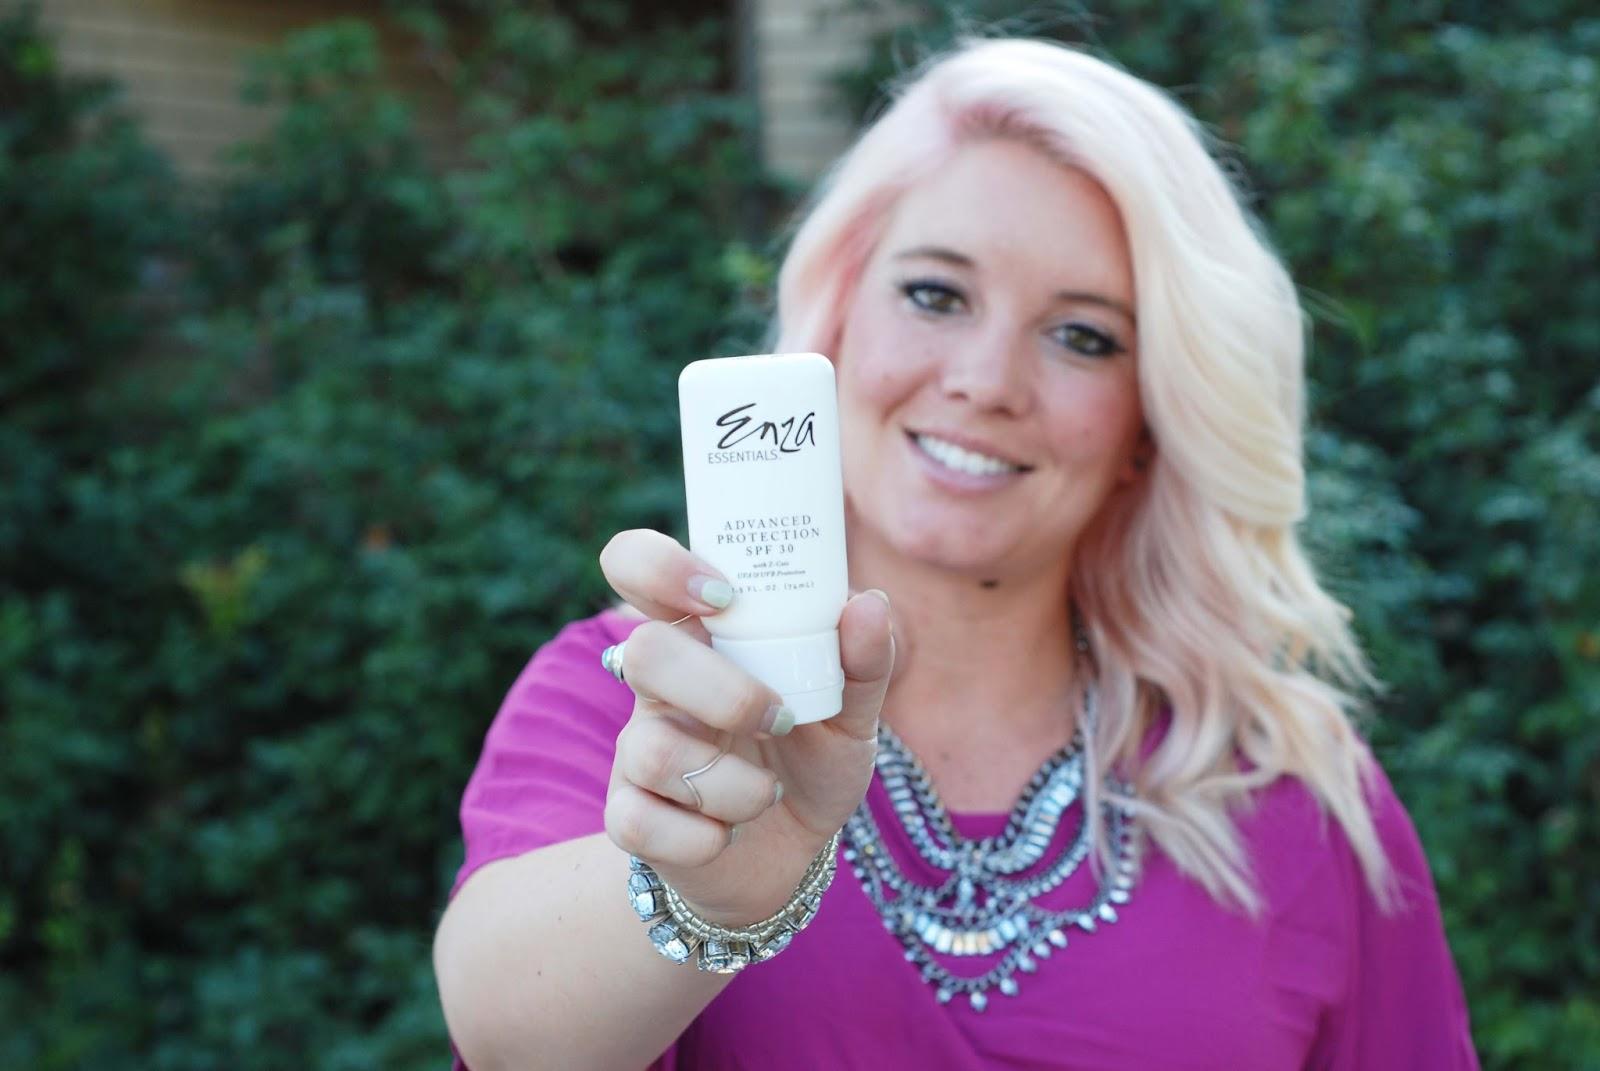 Enza Facewash, Beauty Blogger